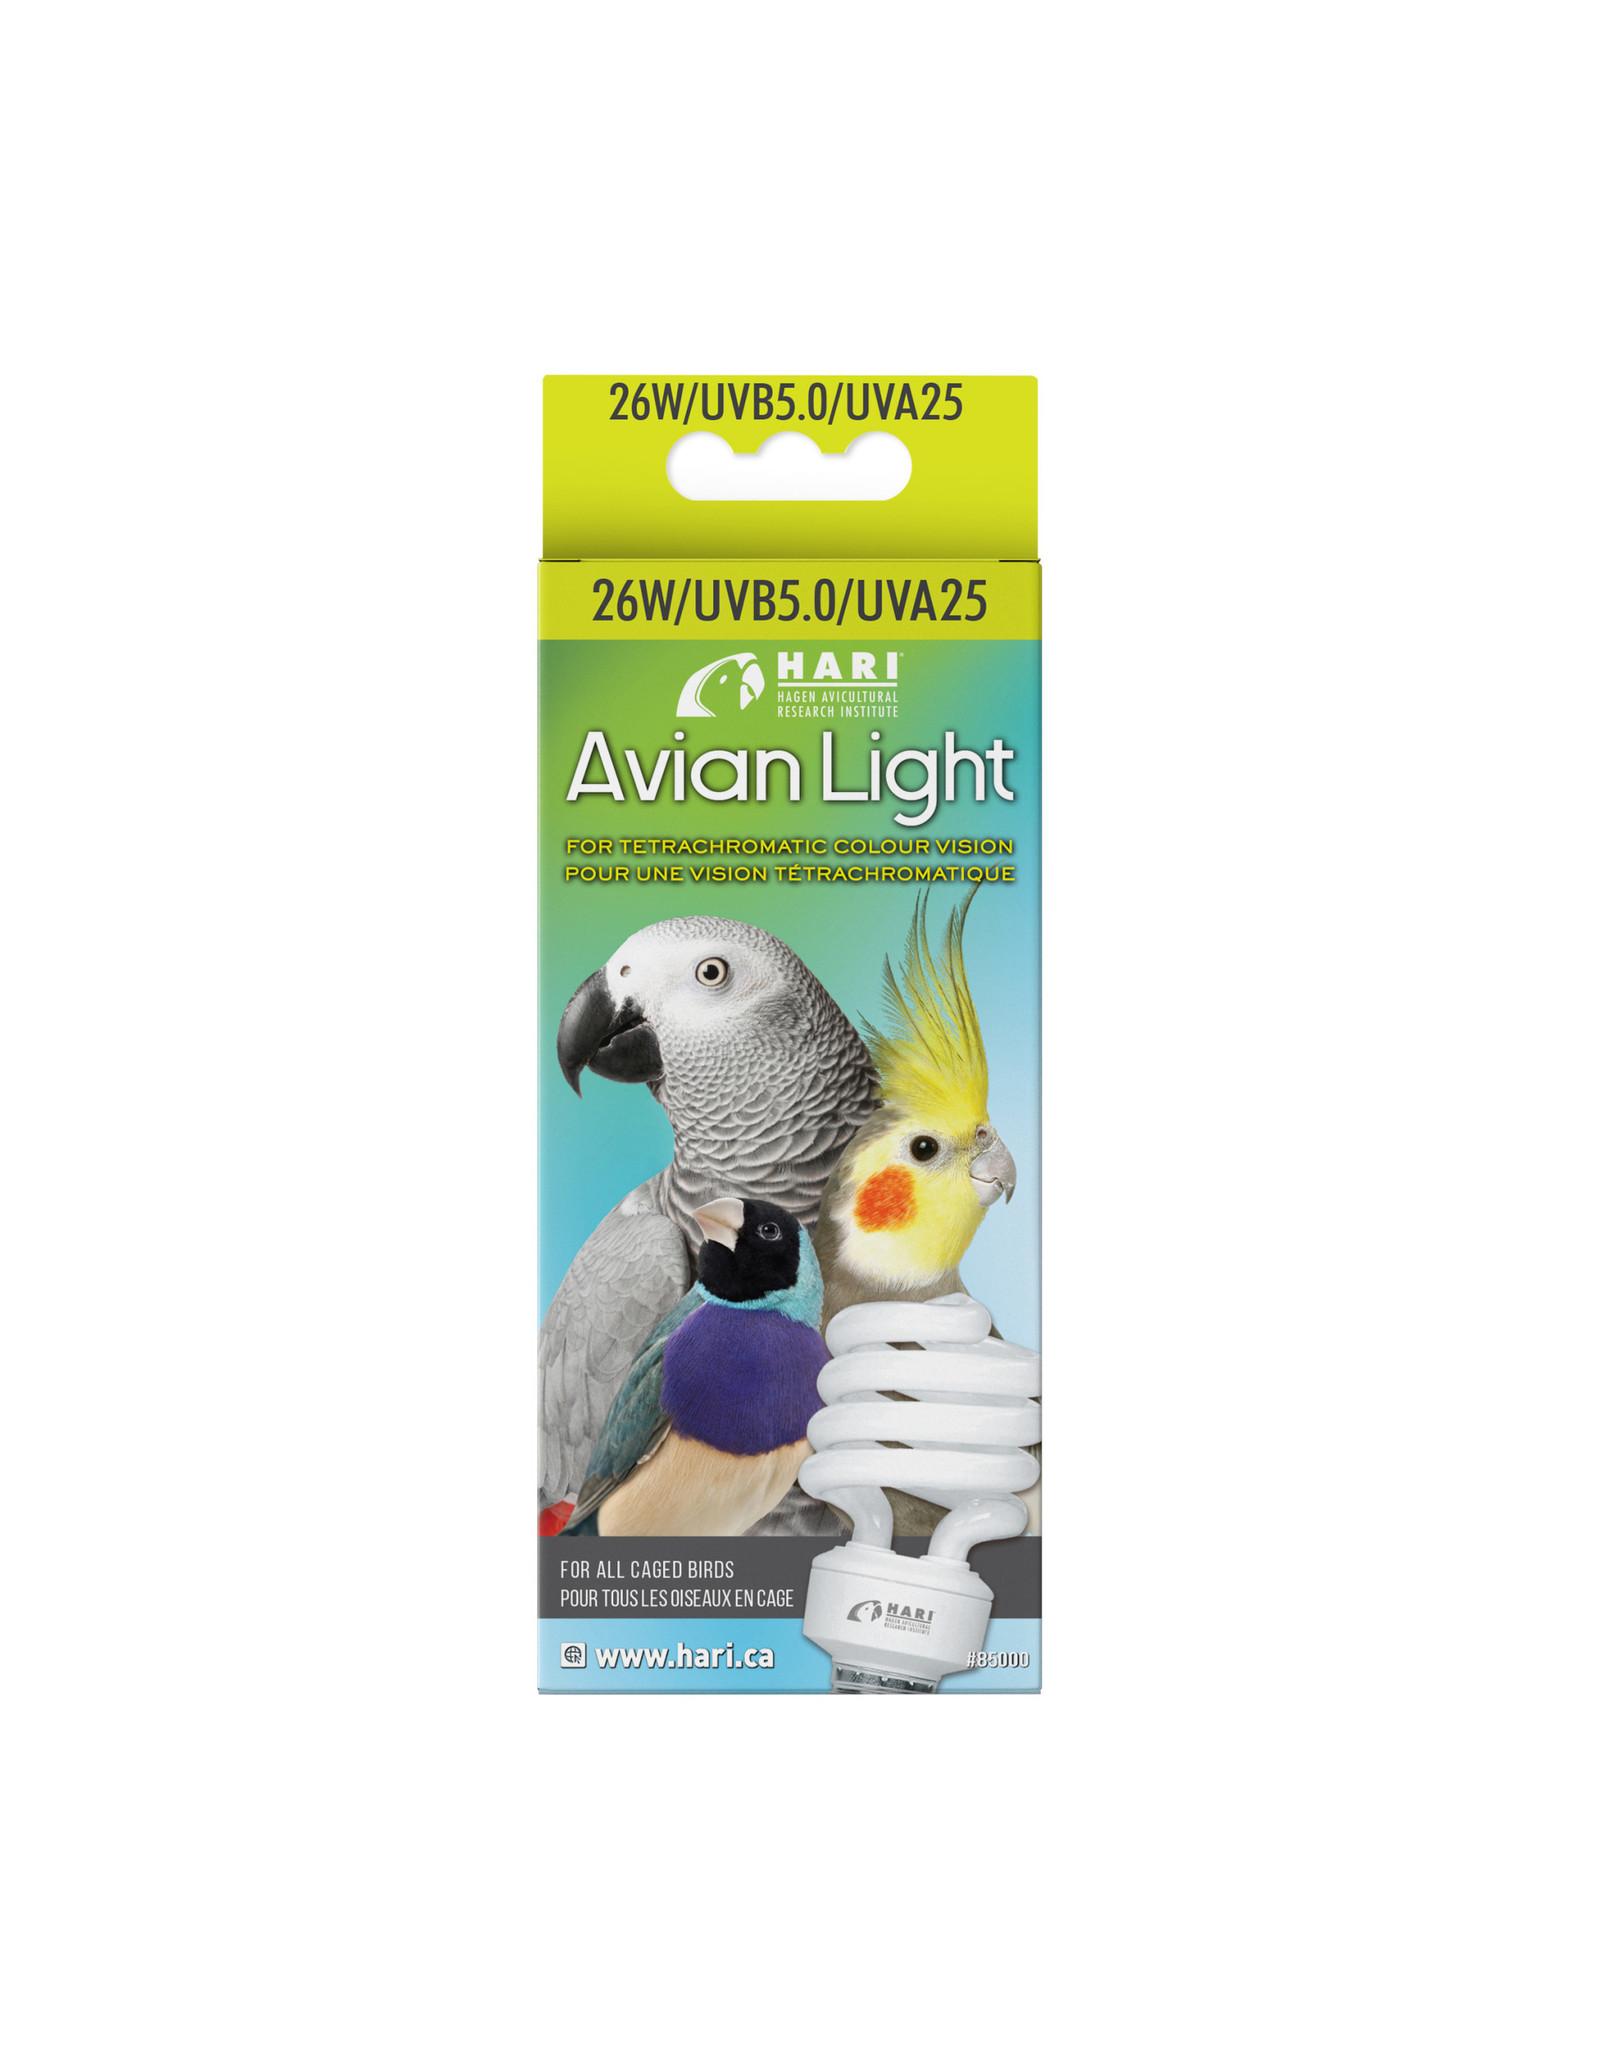 HARI HARI Avian Light - 26 W